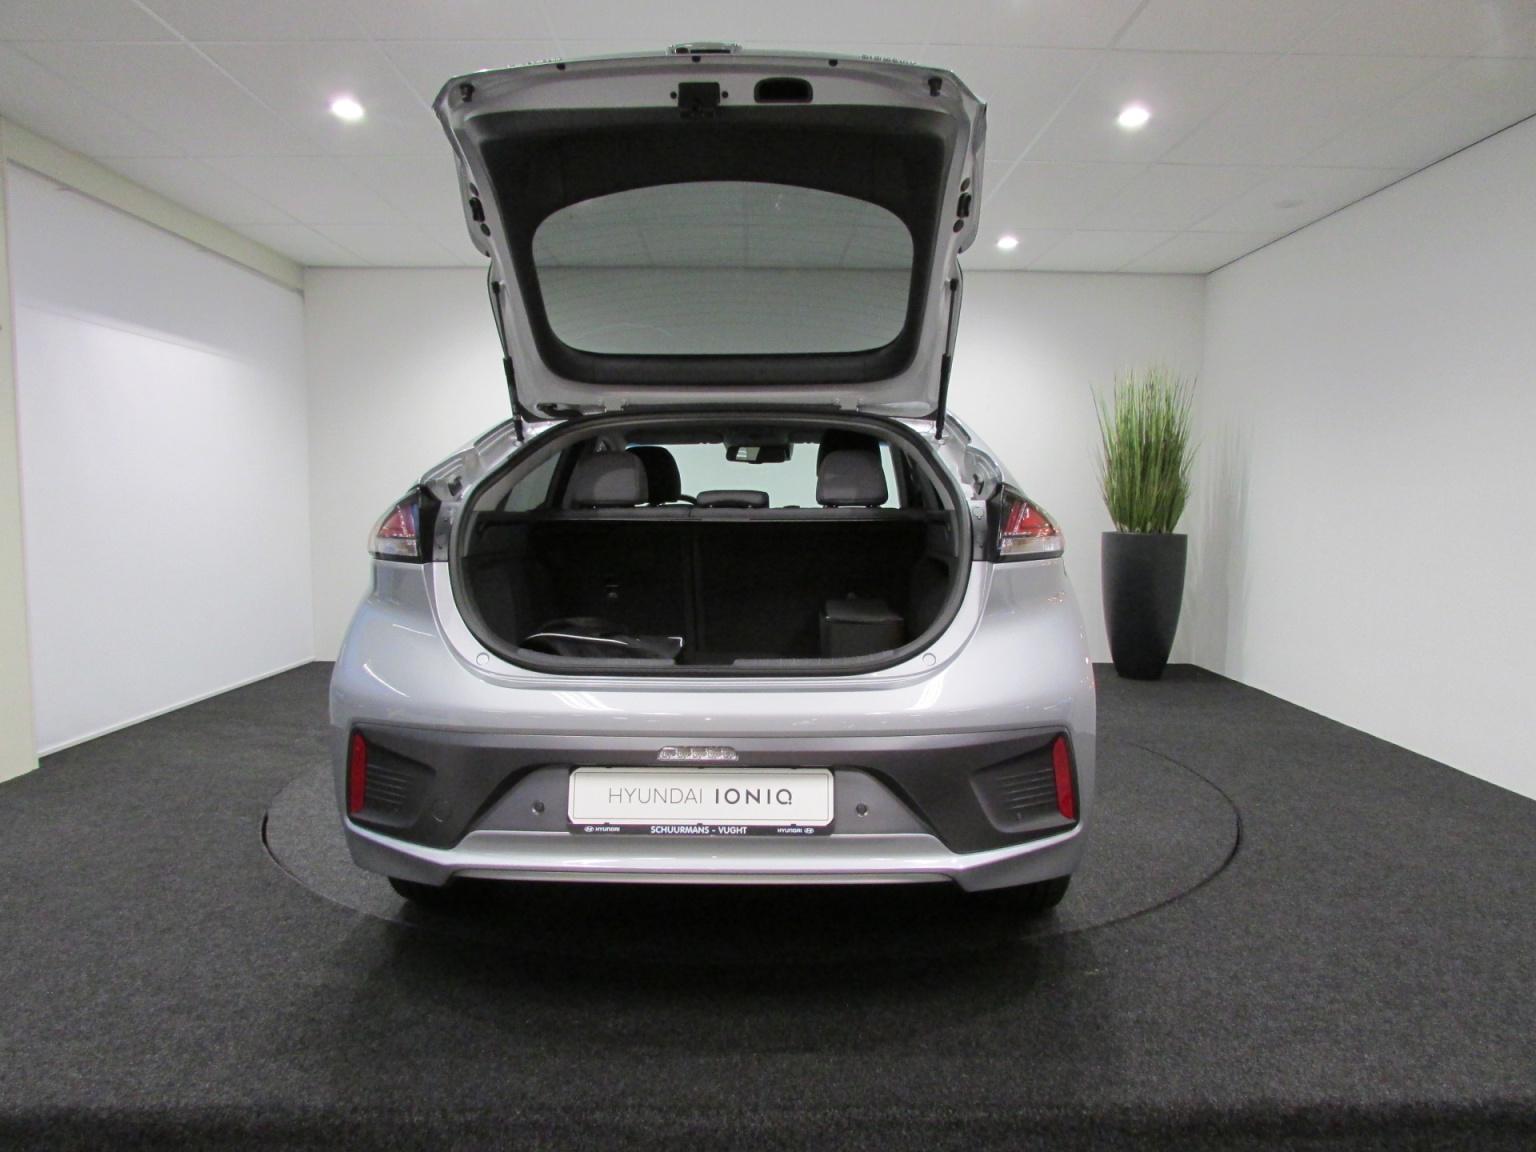 Hyundai-IONIQ-11